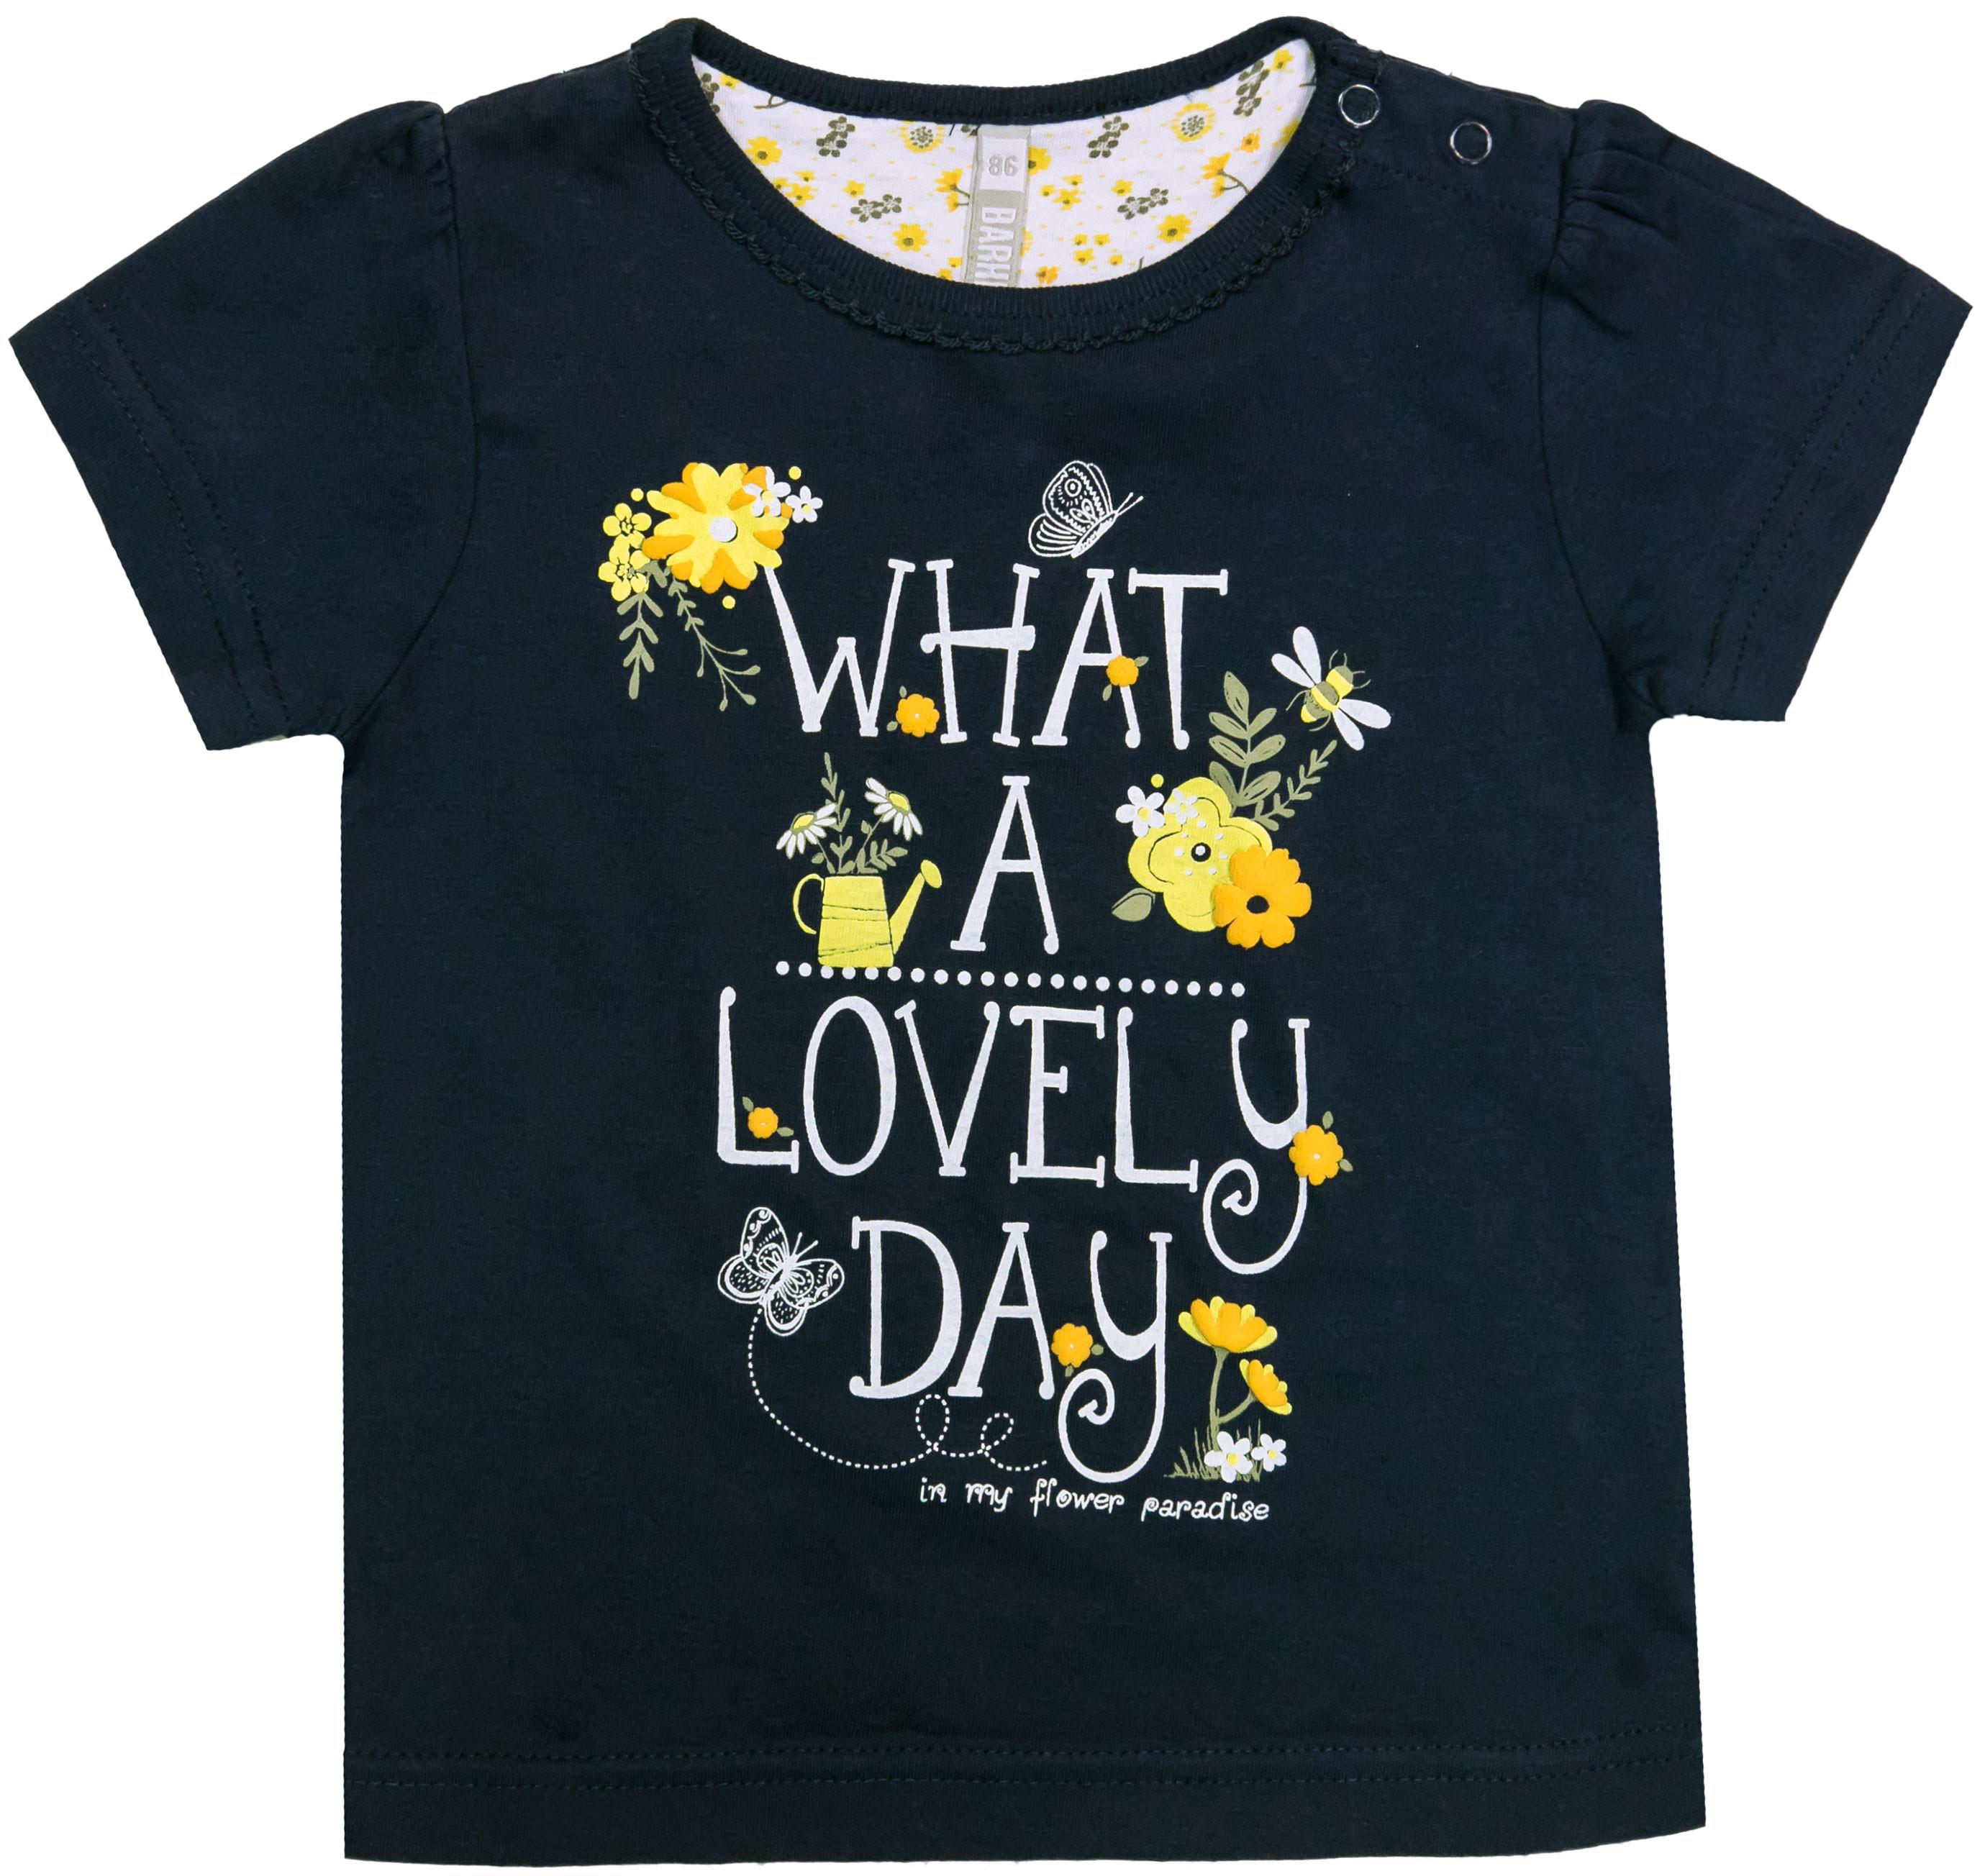 Купить Футболка с коротким рукавом для девочки, Желтые цветы, 1шт., Barkito 901049 X572 75, Бангладеш, т.синий, Женский